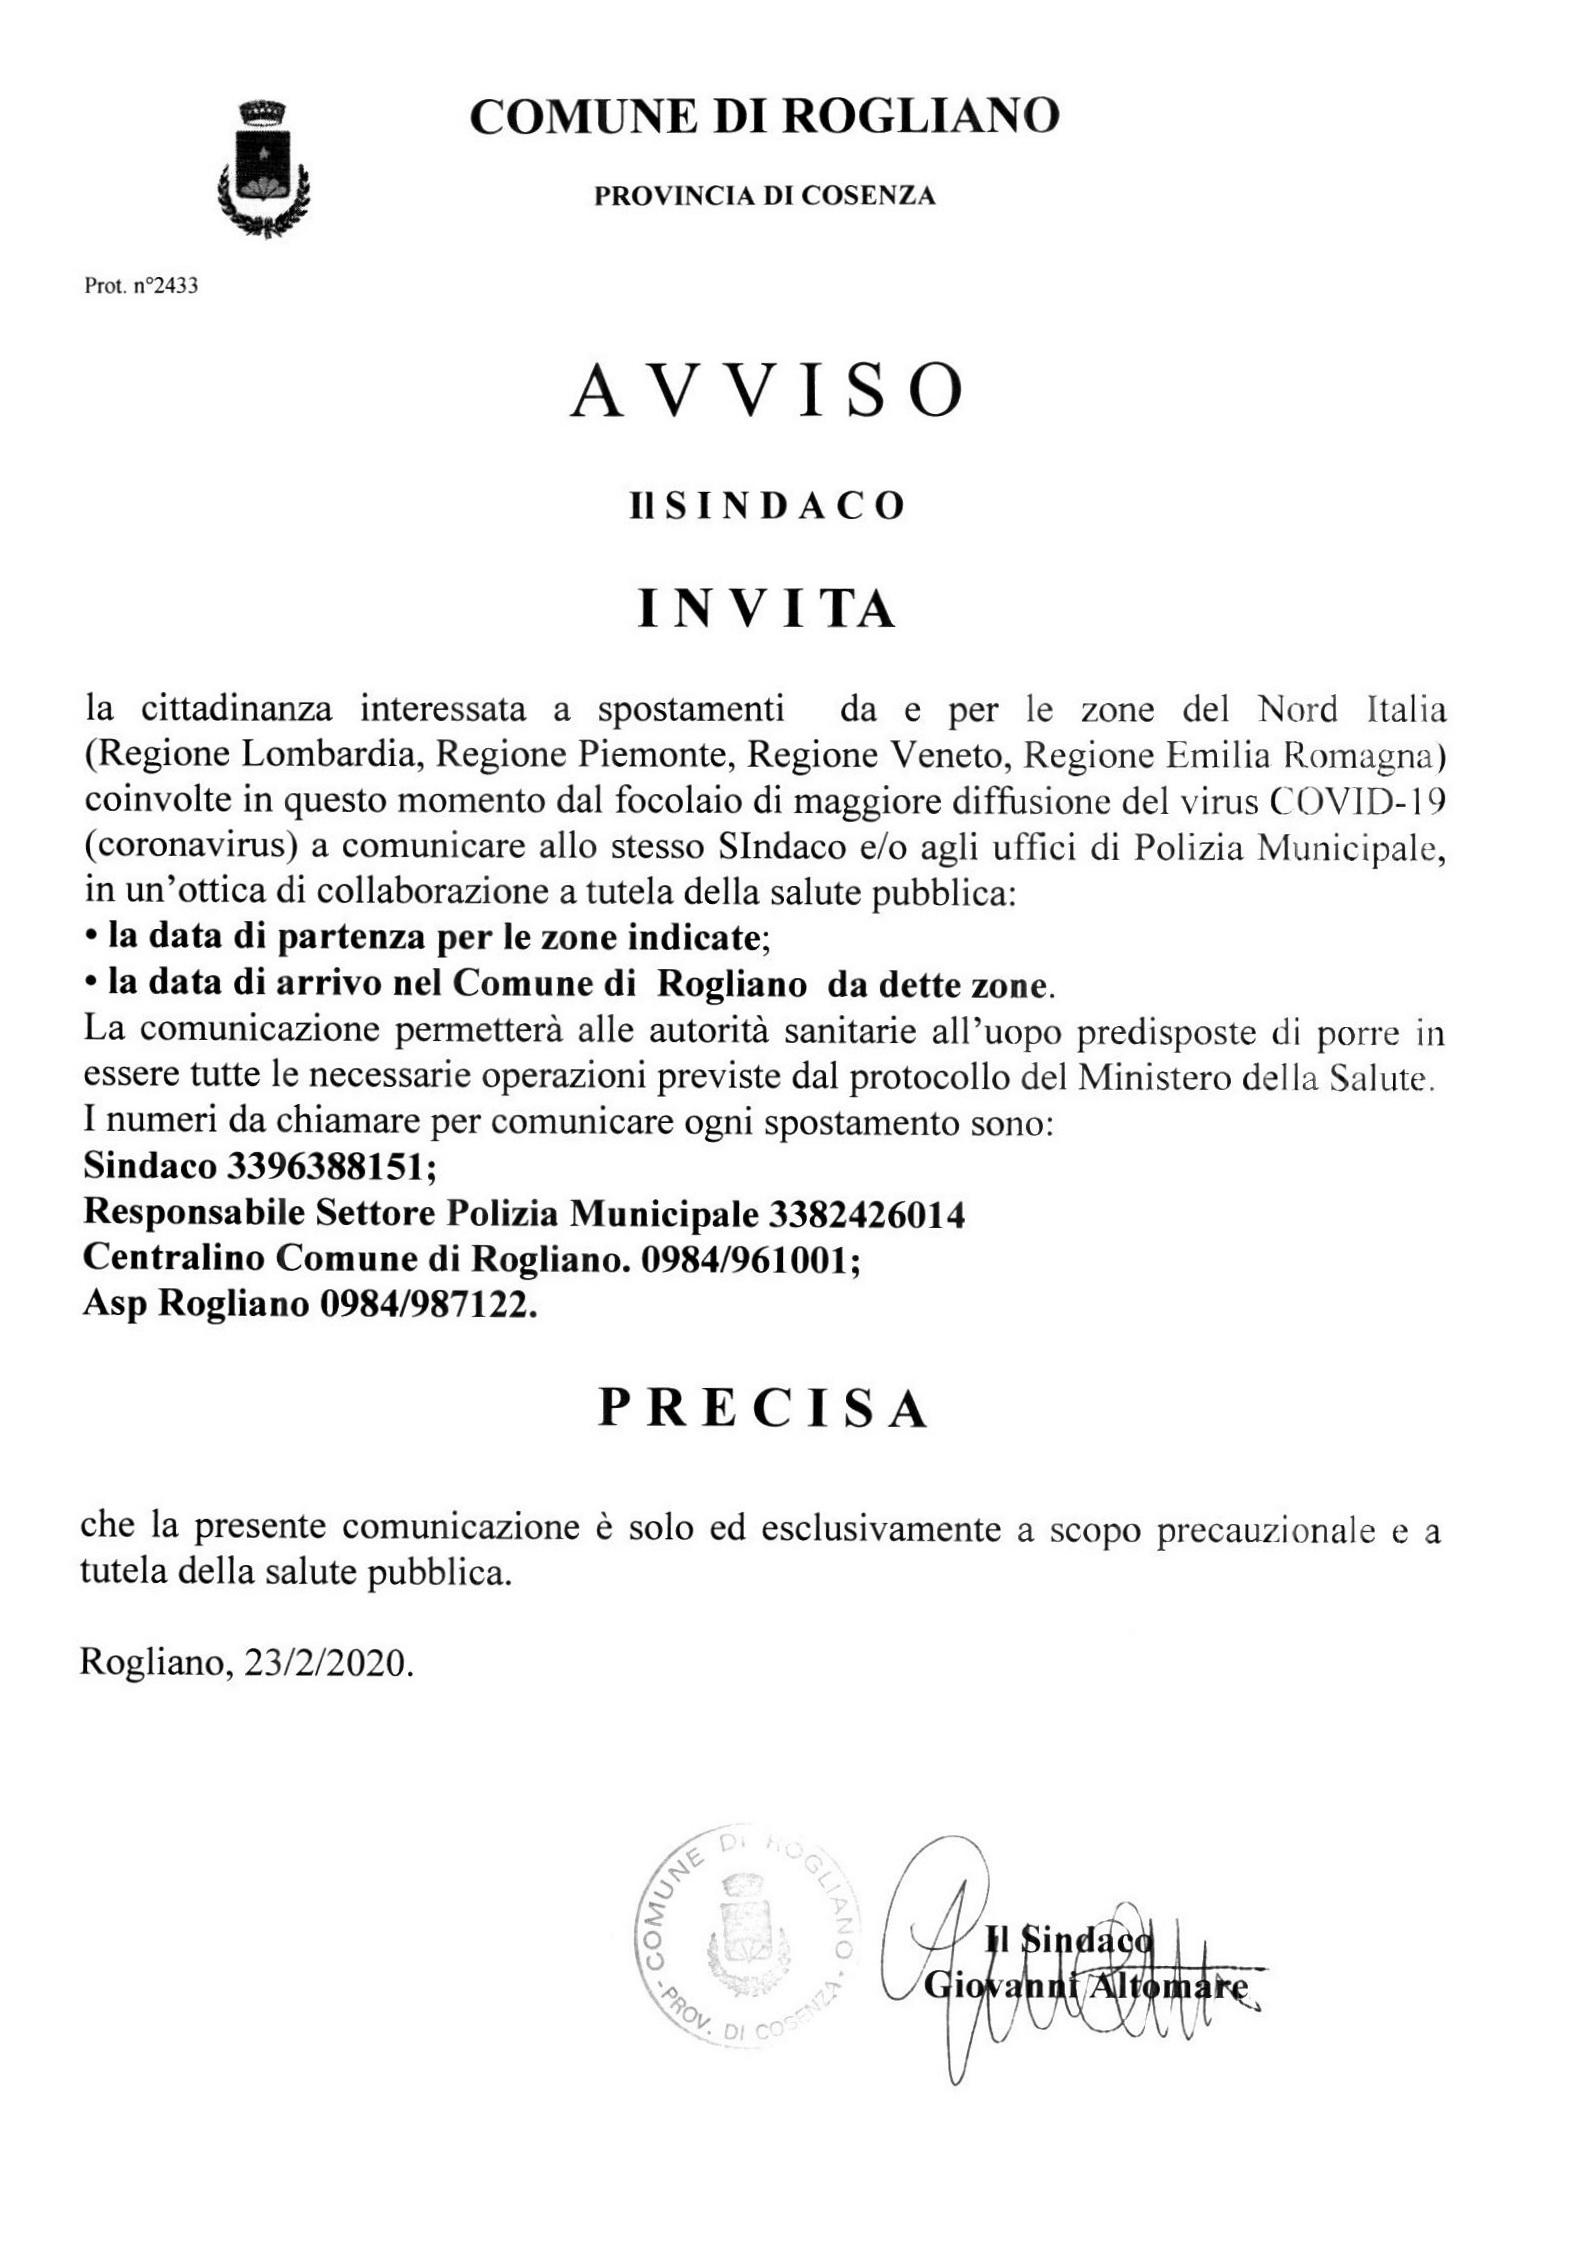 NUOVO CORONAVIRUS - INDICAZIONI DEL COMUNE DI ROGLIANO DI PUBBLICA UTILITA'